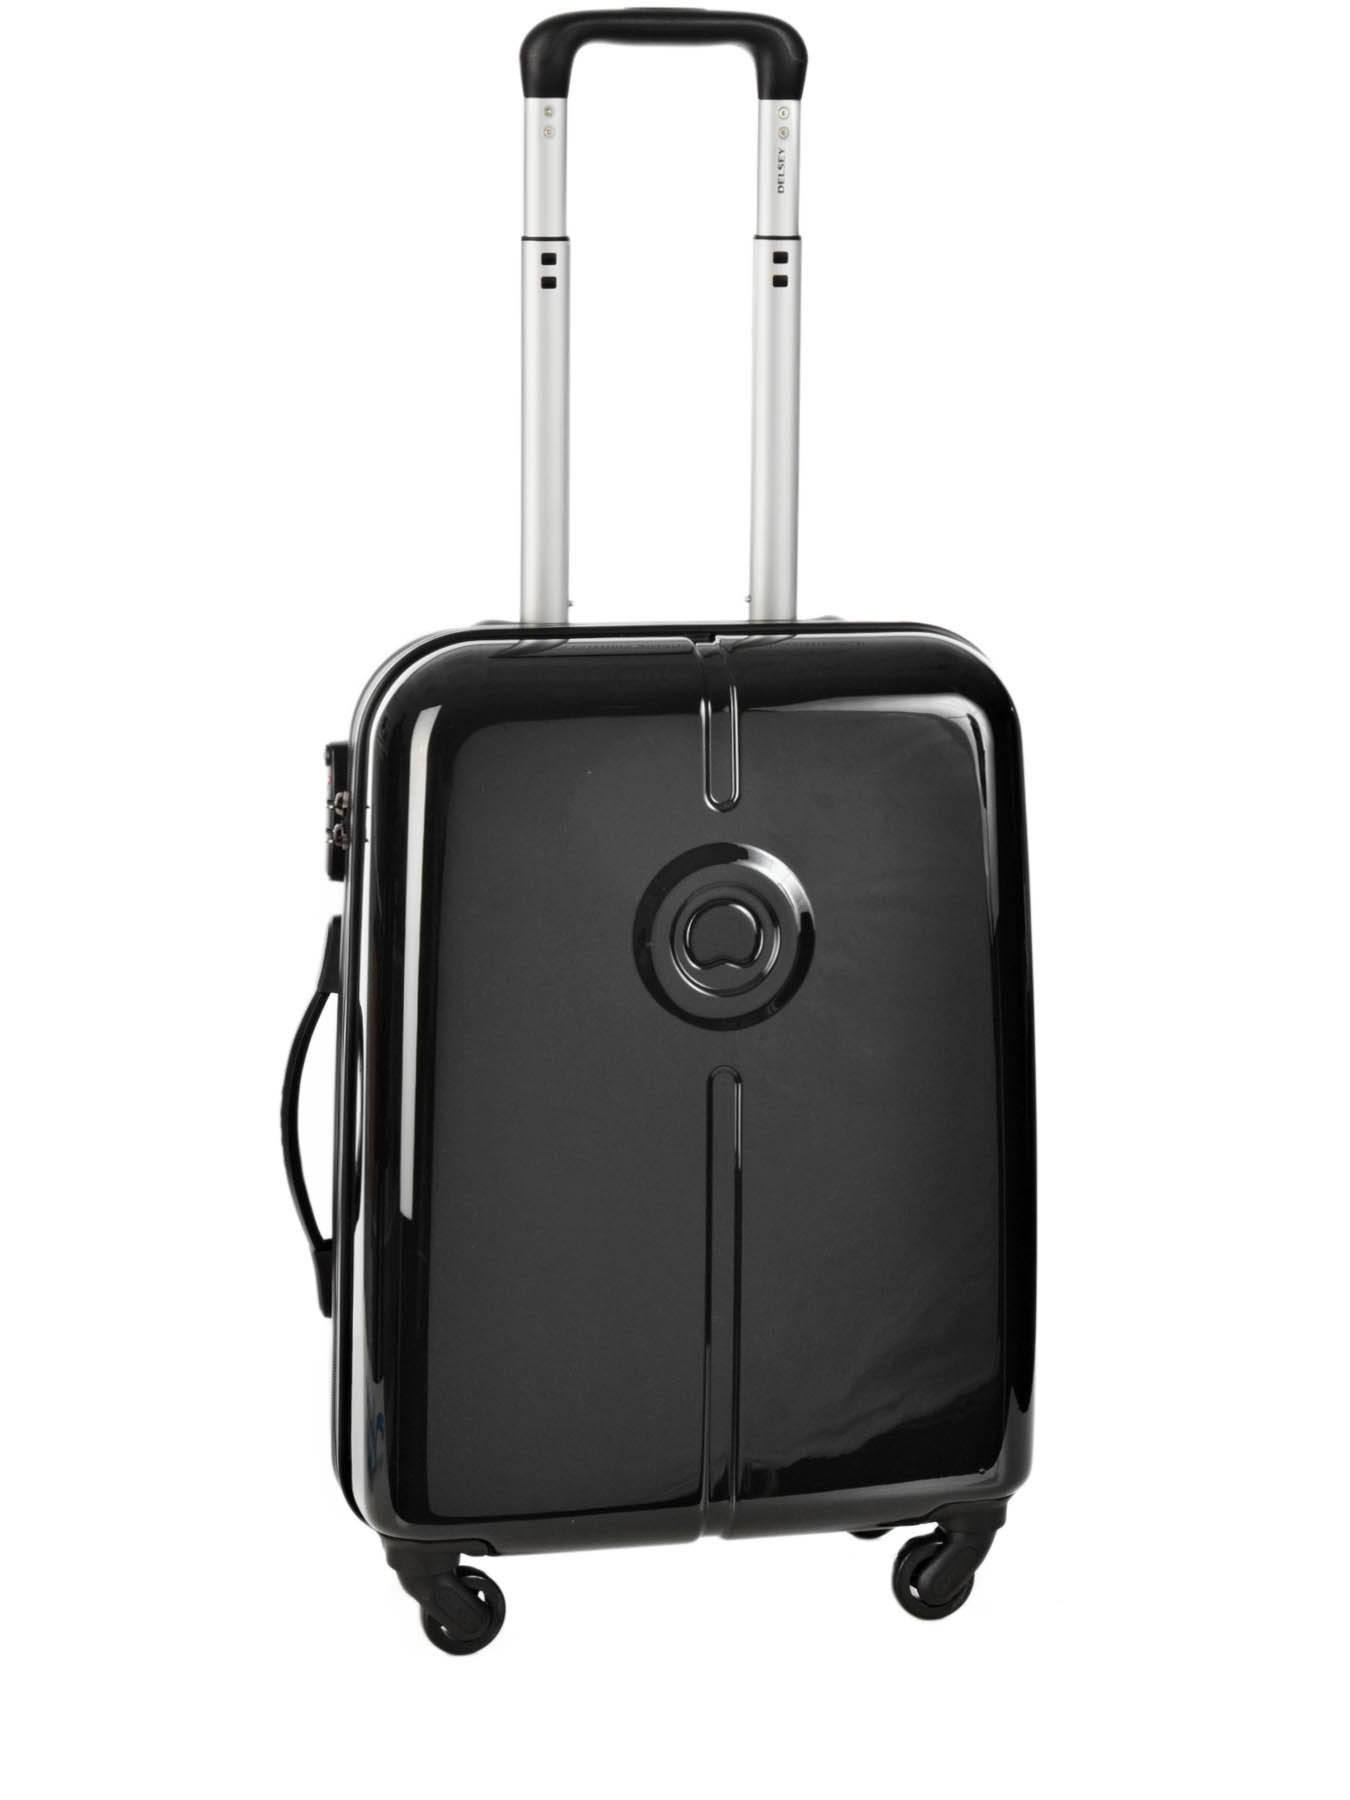 valise cabine delsey flaneur custom 2627801 en vente au. Black Bedroom Furniture Sets. Home Design Ideas